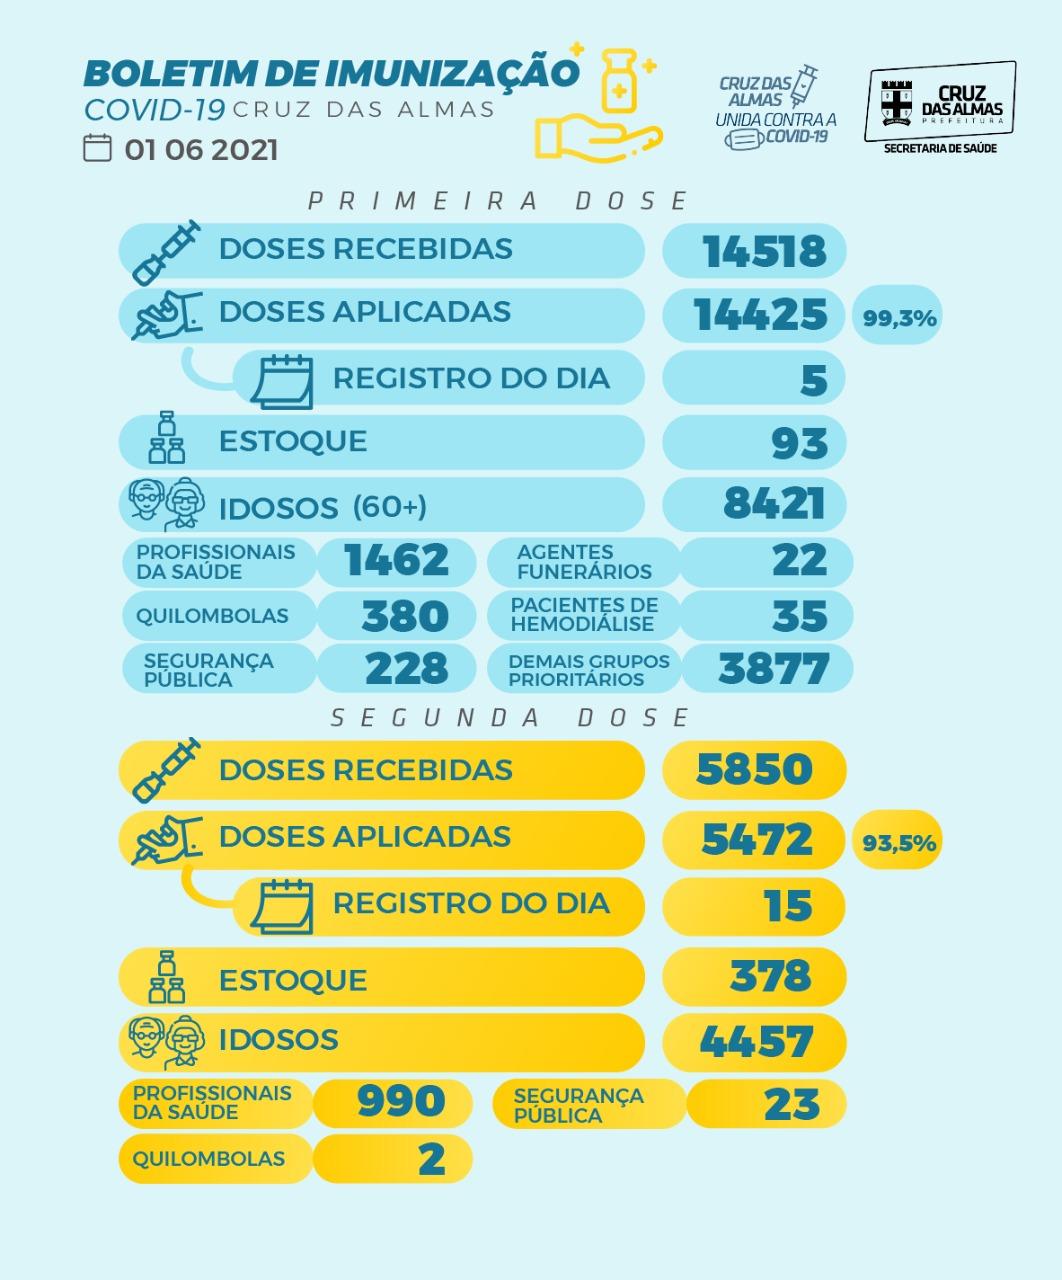 BOLETIM DE IMUNIZAÇÃO 01/06/2021